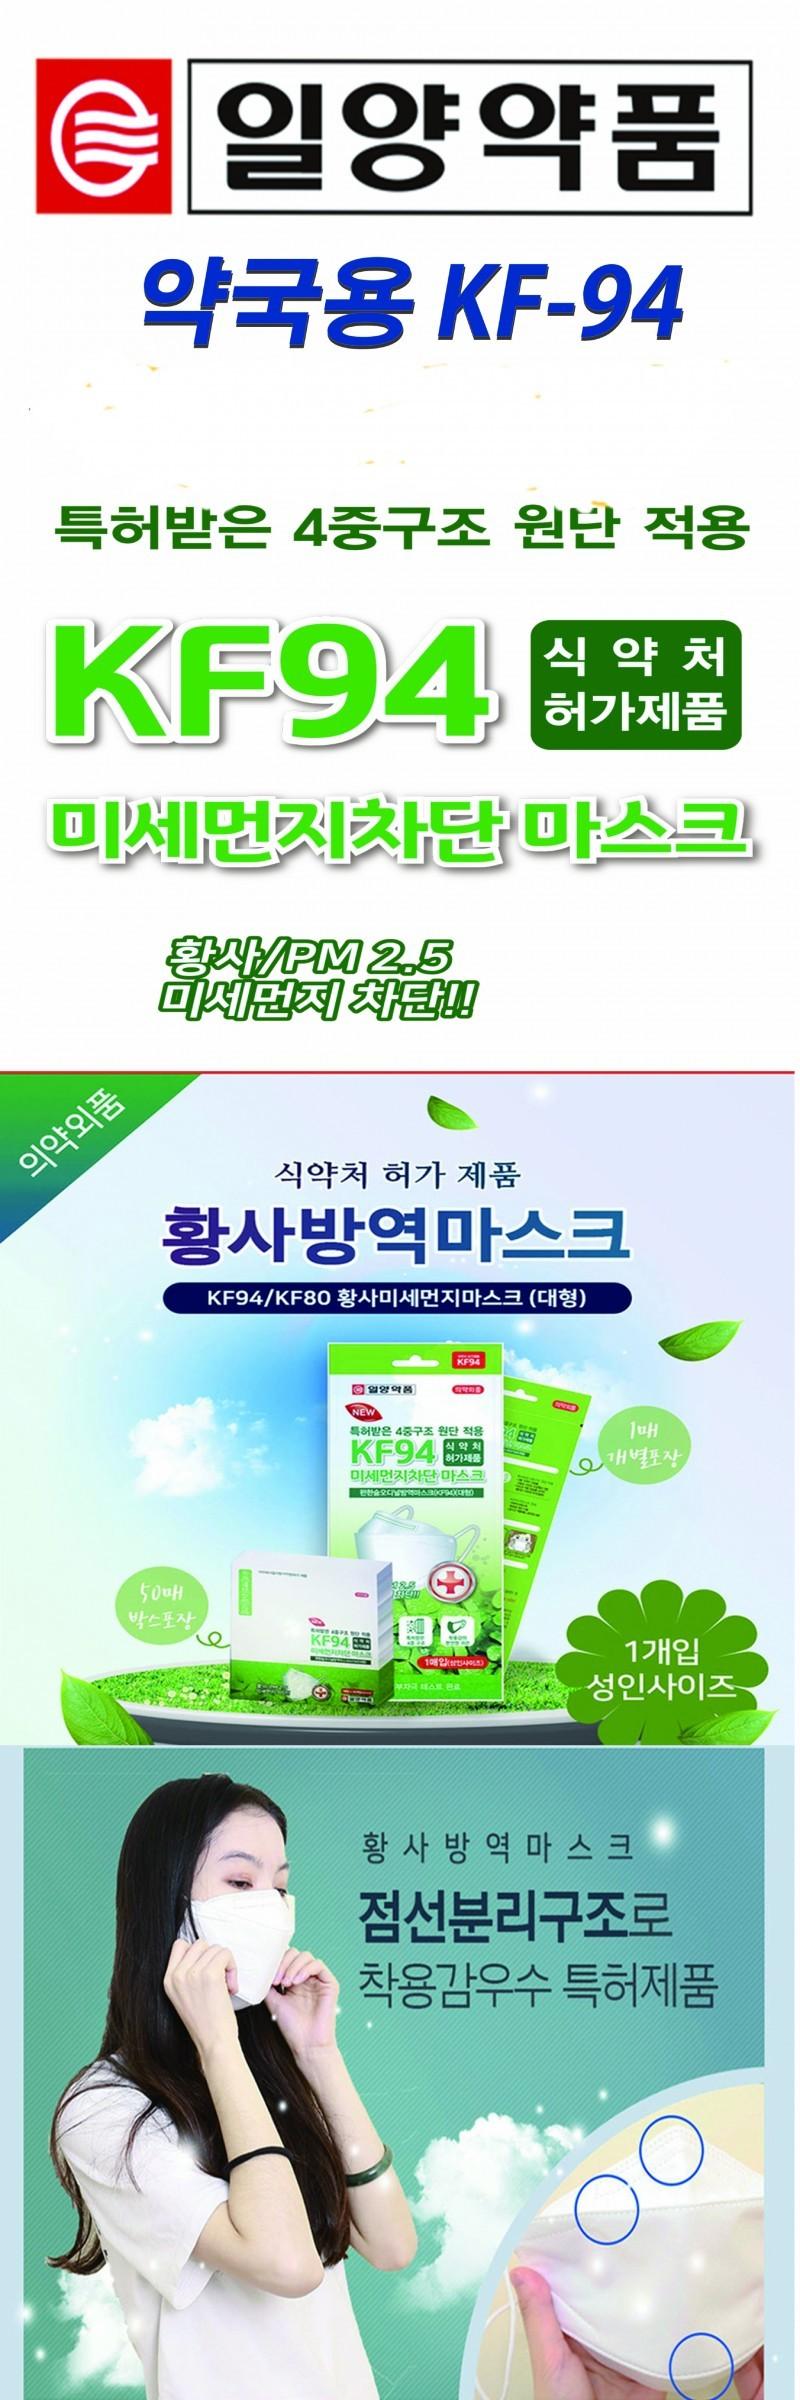 알양약품 약국판매용 초미세먼지 황사마스크 KF-94 (정품)